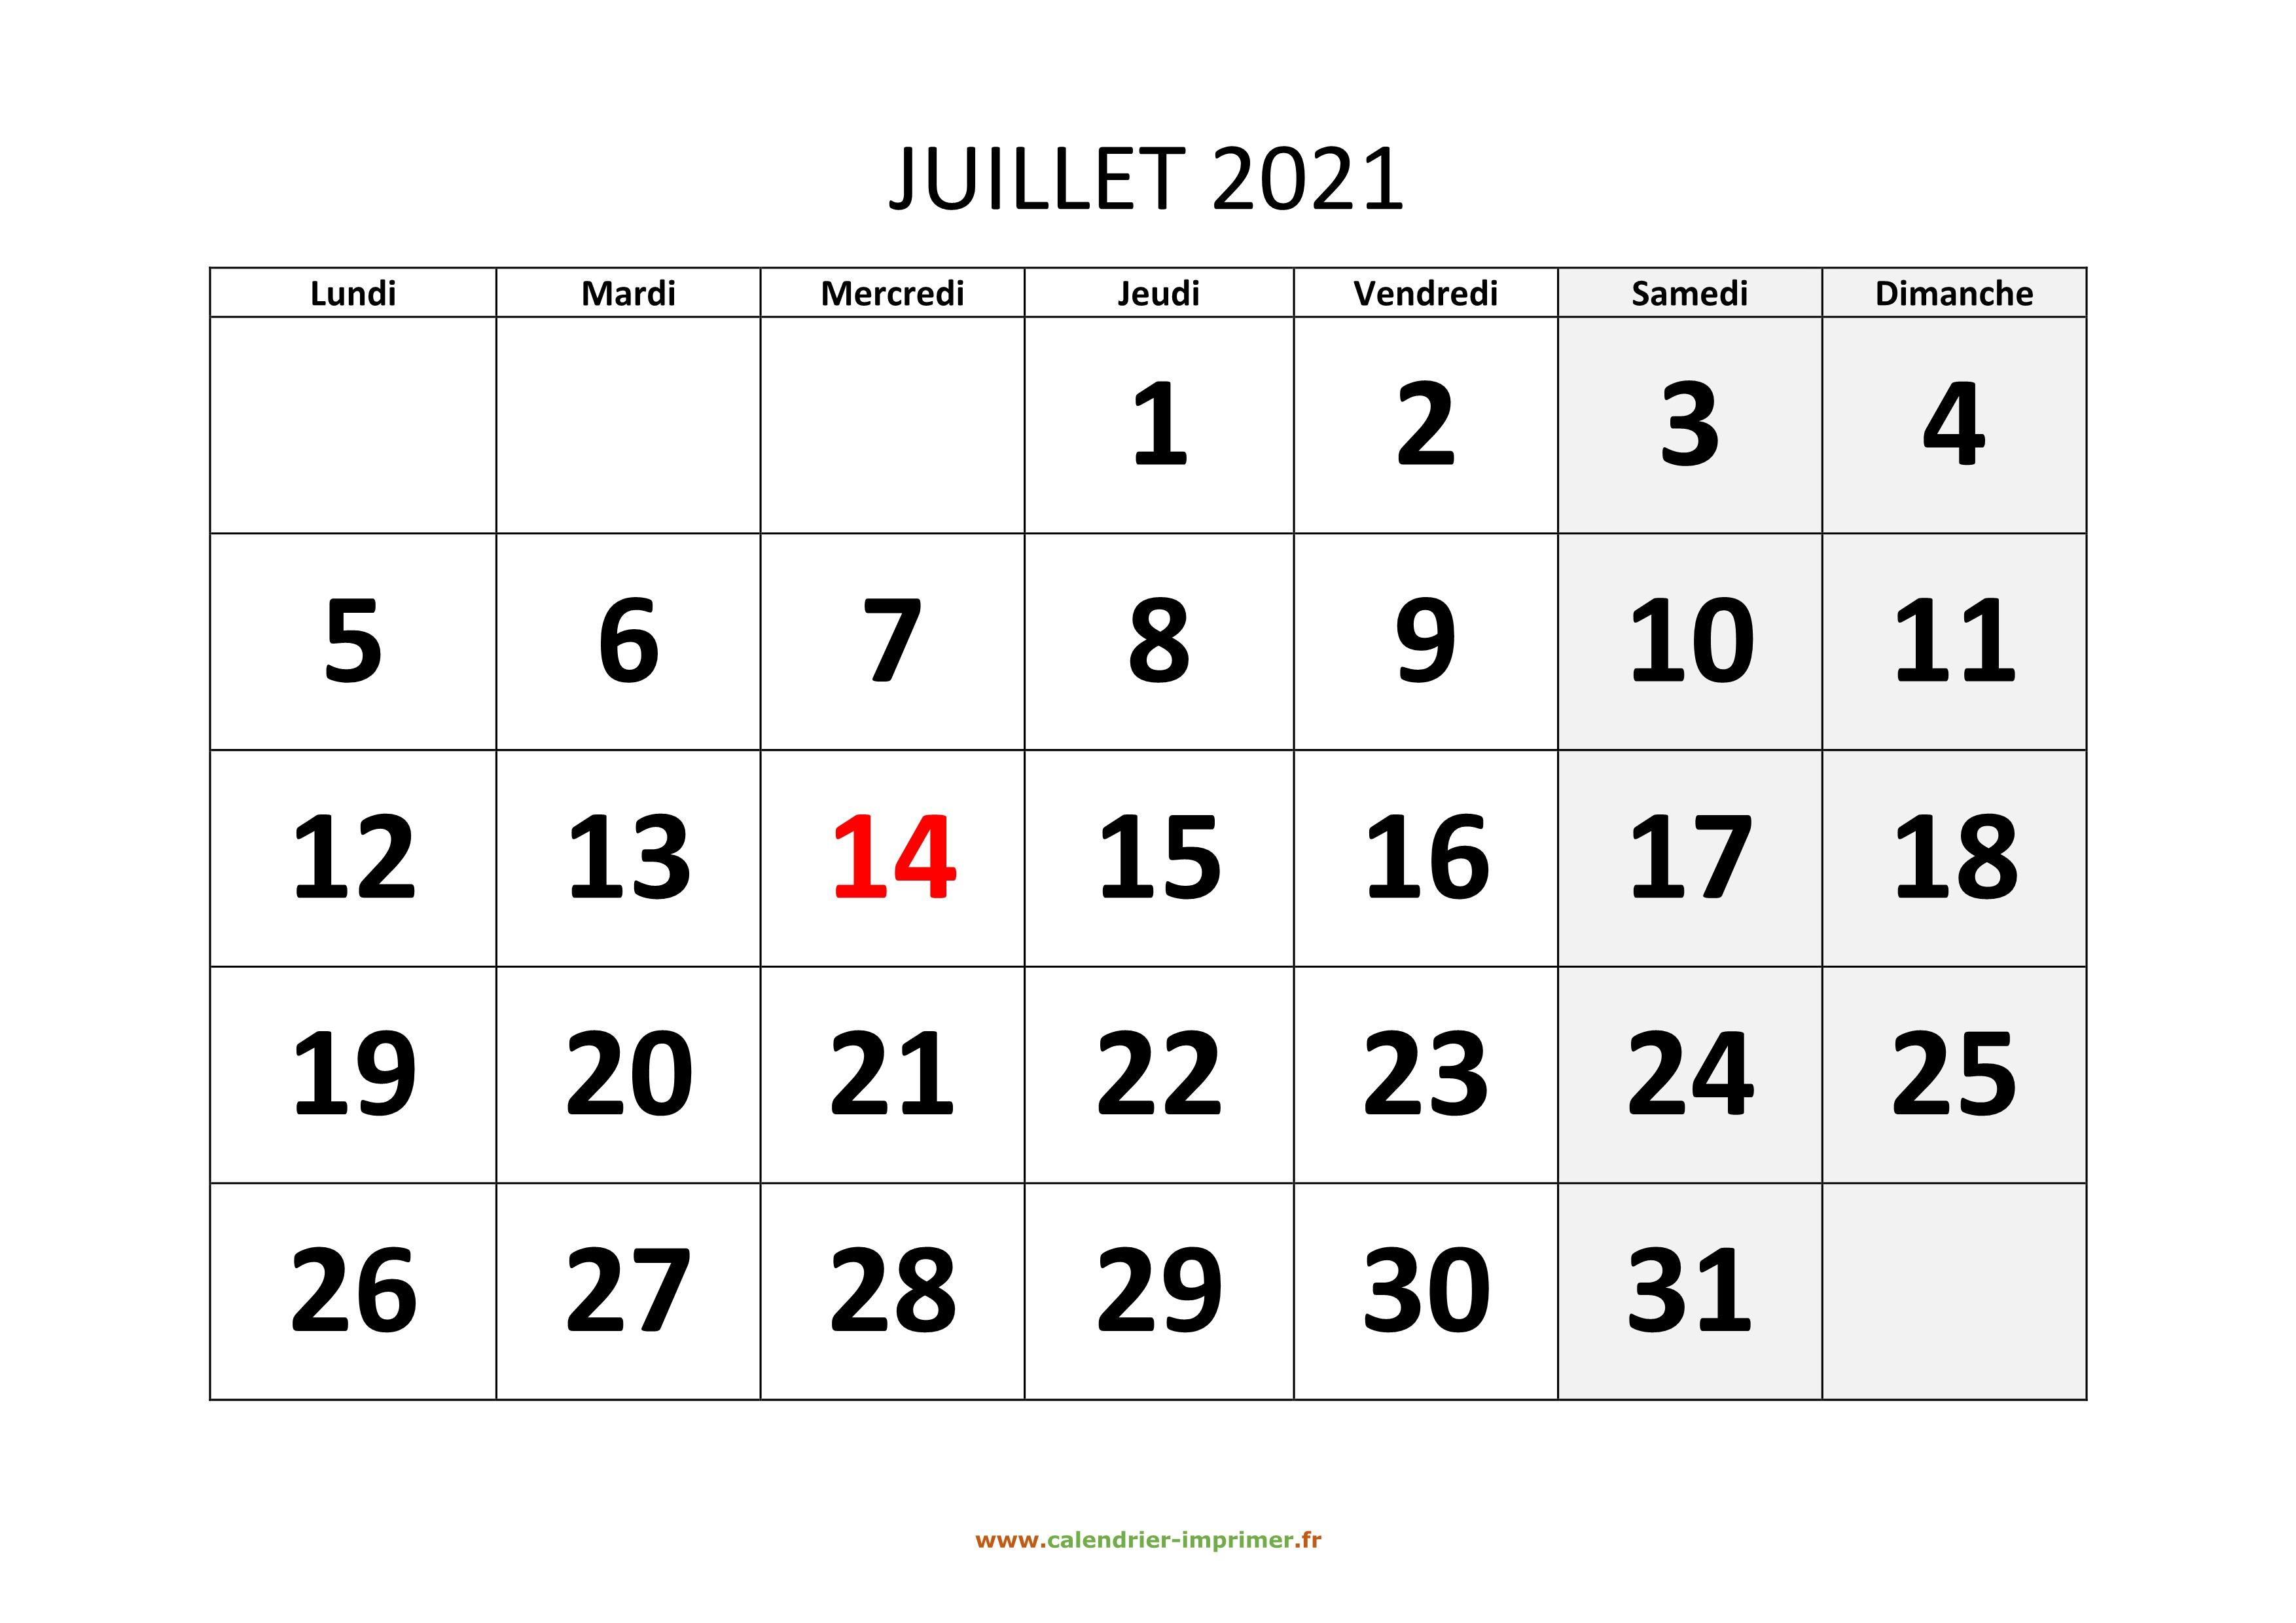 Calendrier Du Mois De Juillet 2021 Calendrier Juillet 2021 à imprimer